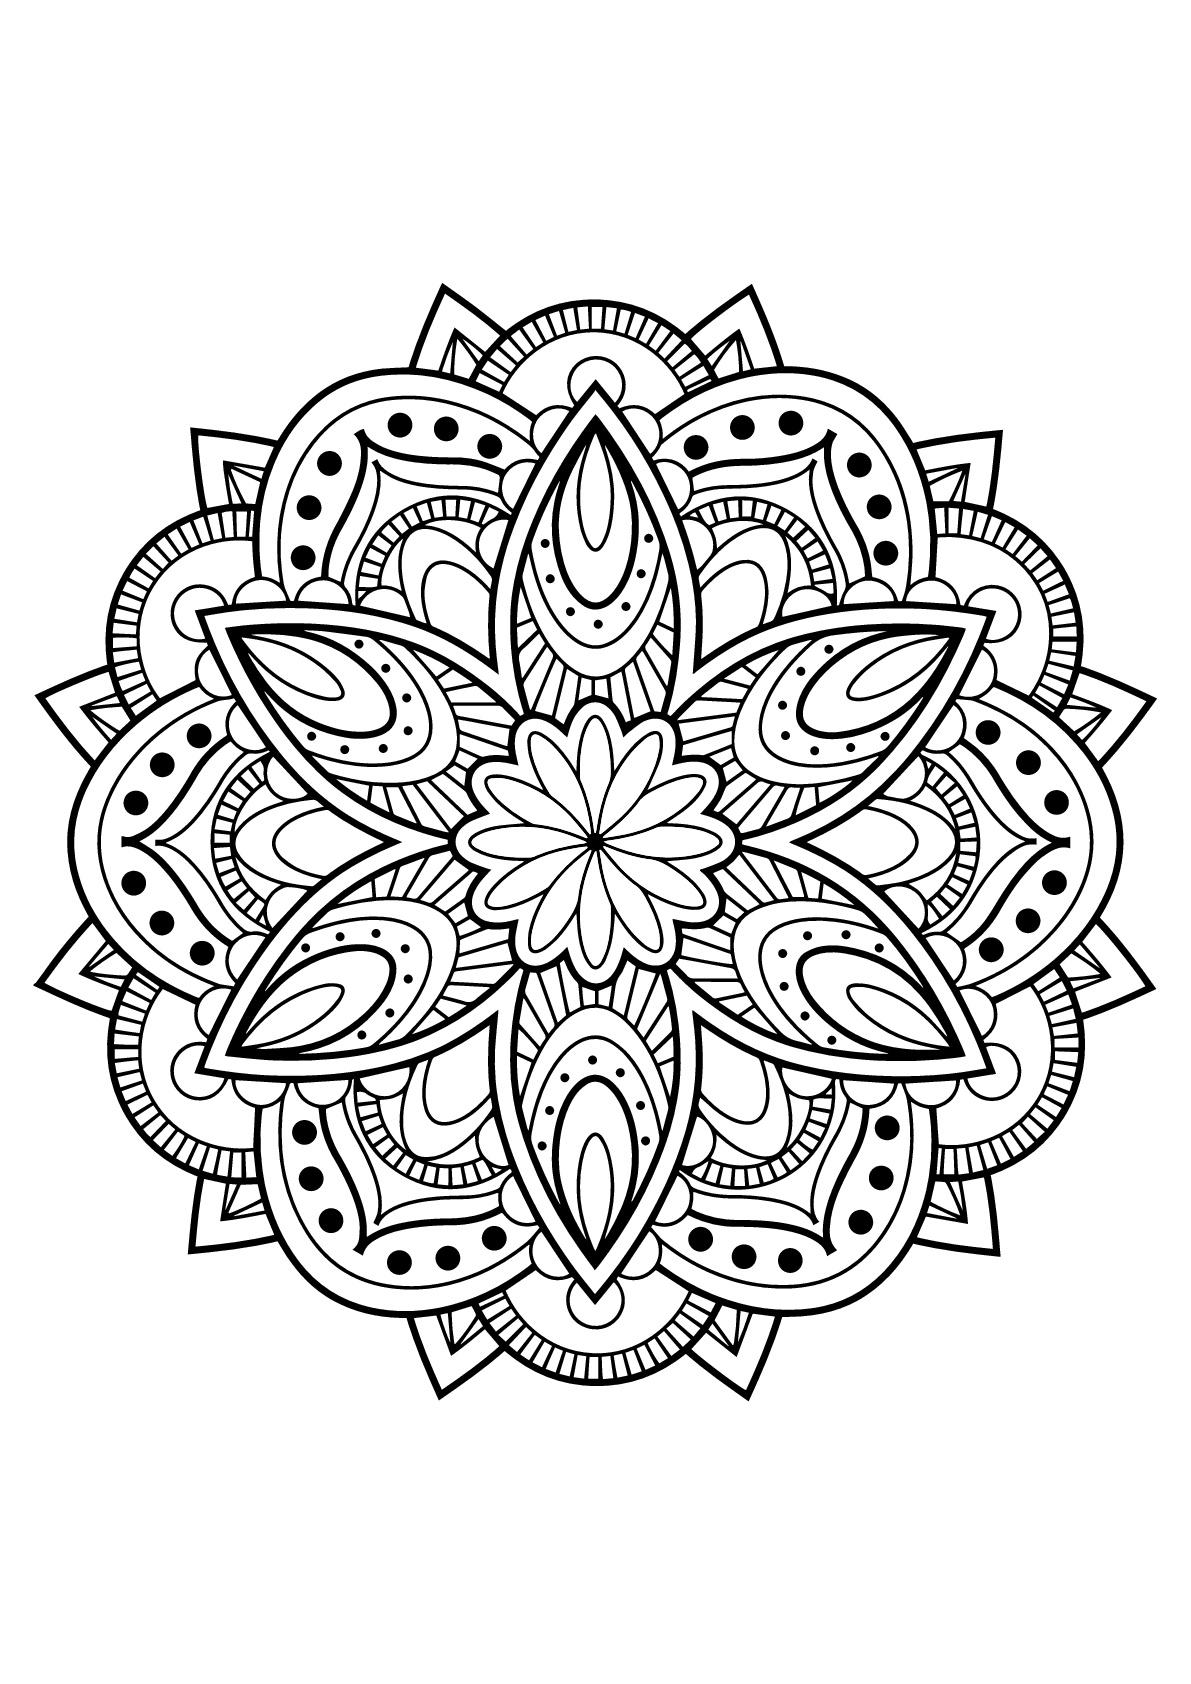 Mandala livre gratuit 16 mandalas coloriages - Coloriage a imprimer mandala gratuit ...